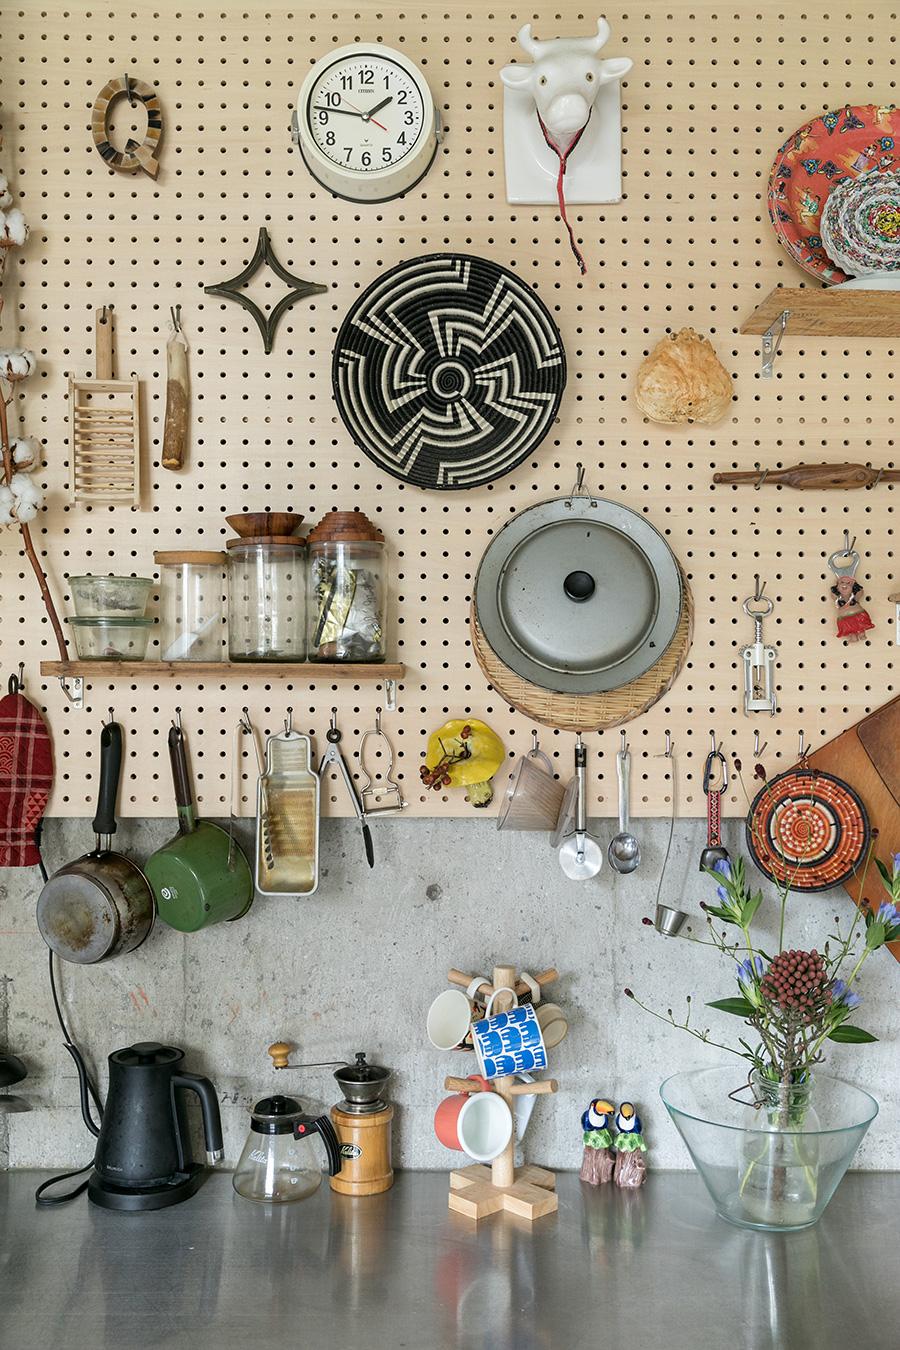 キッチンの壁には有孔ボードを。道具を収納できる機能性だけではなく、ディスプレイも楽しめる。「棚は自分でつけました。蟹の甲羅は好きでつい飾ってしまうアイテムです。金沢土産の蟹です(笑)」